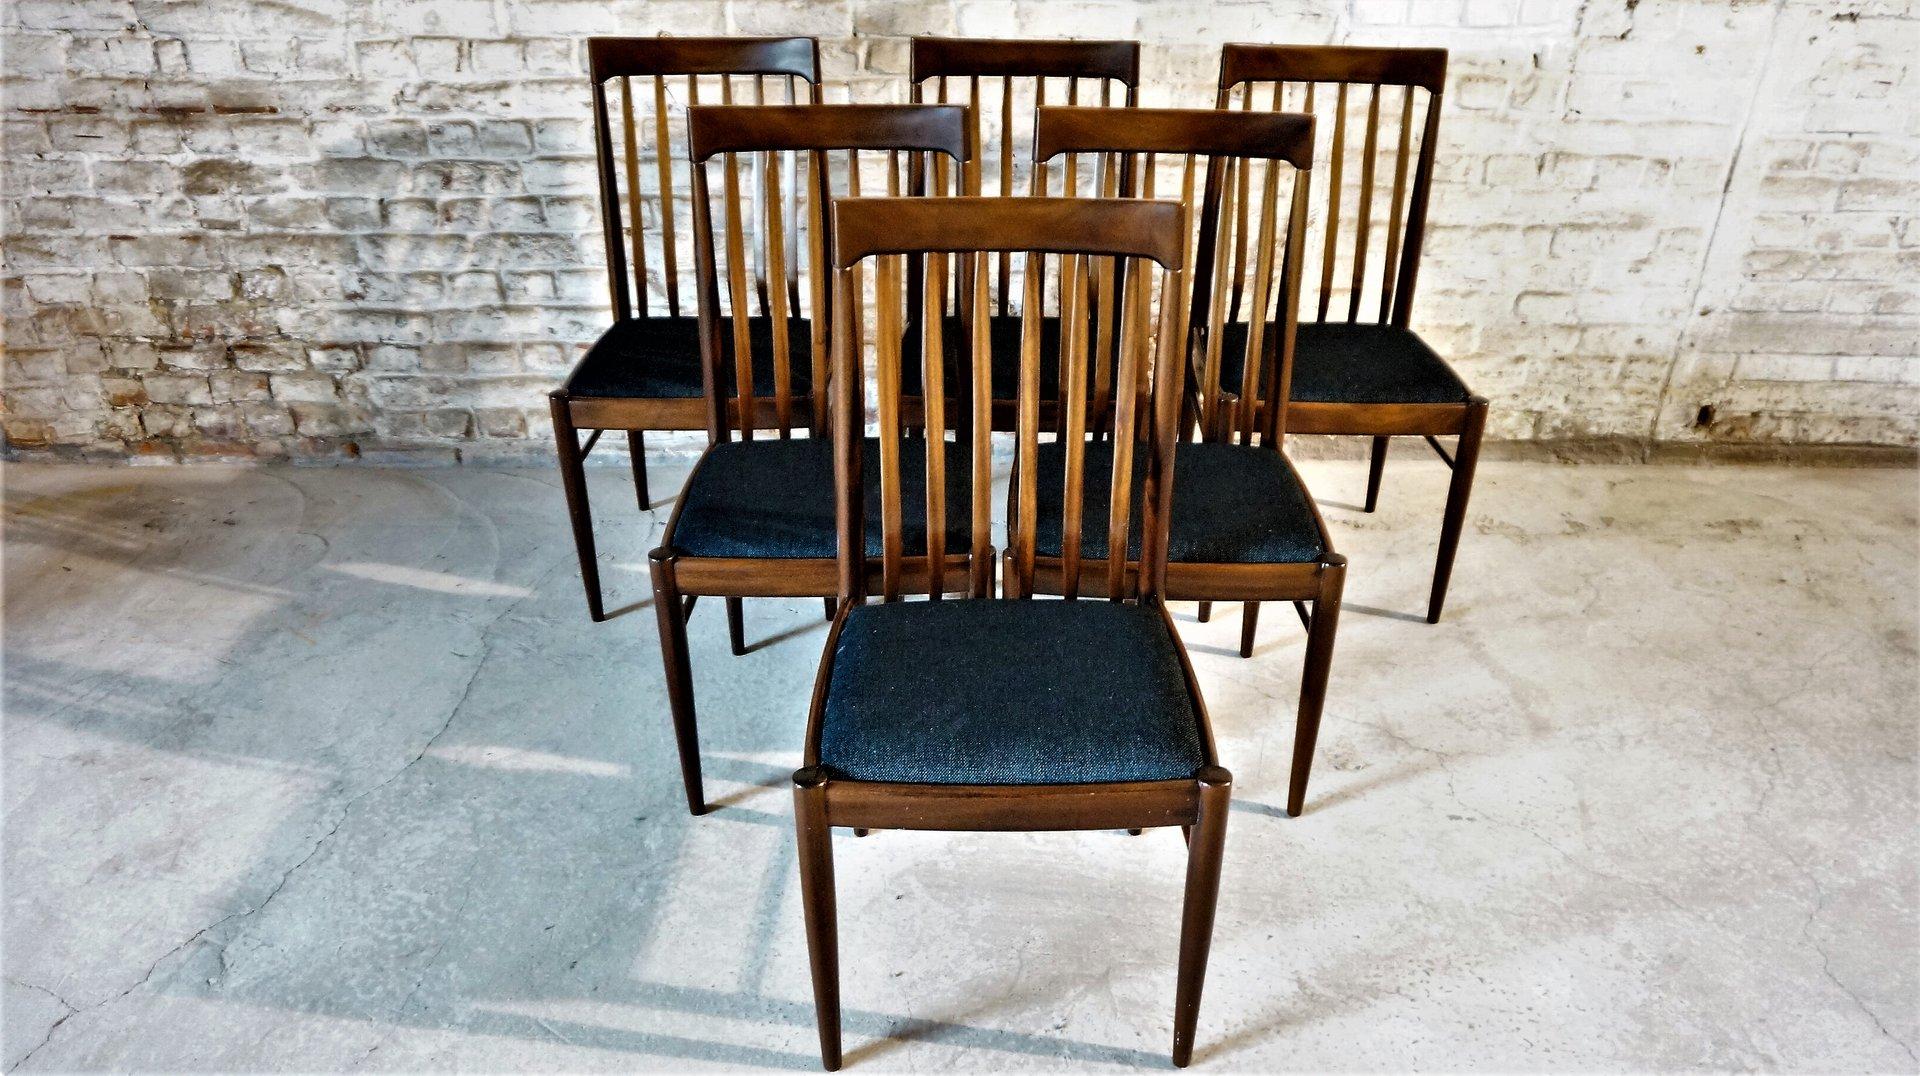 chaises vintage scandinaves par hw klein pour bramin set de 6 - Chaise Vintage Scandinave